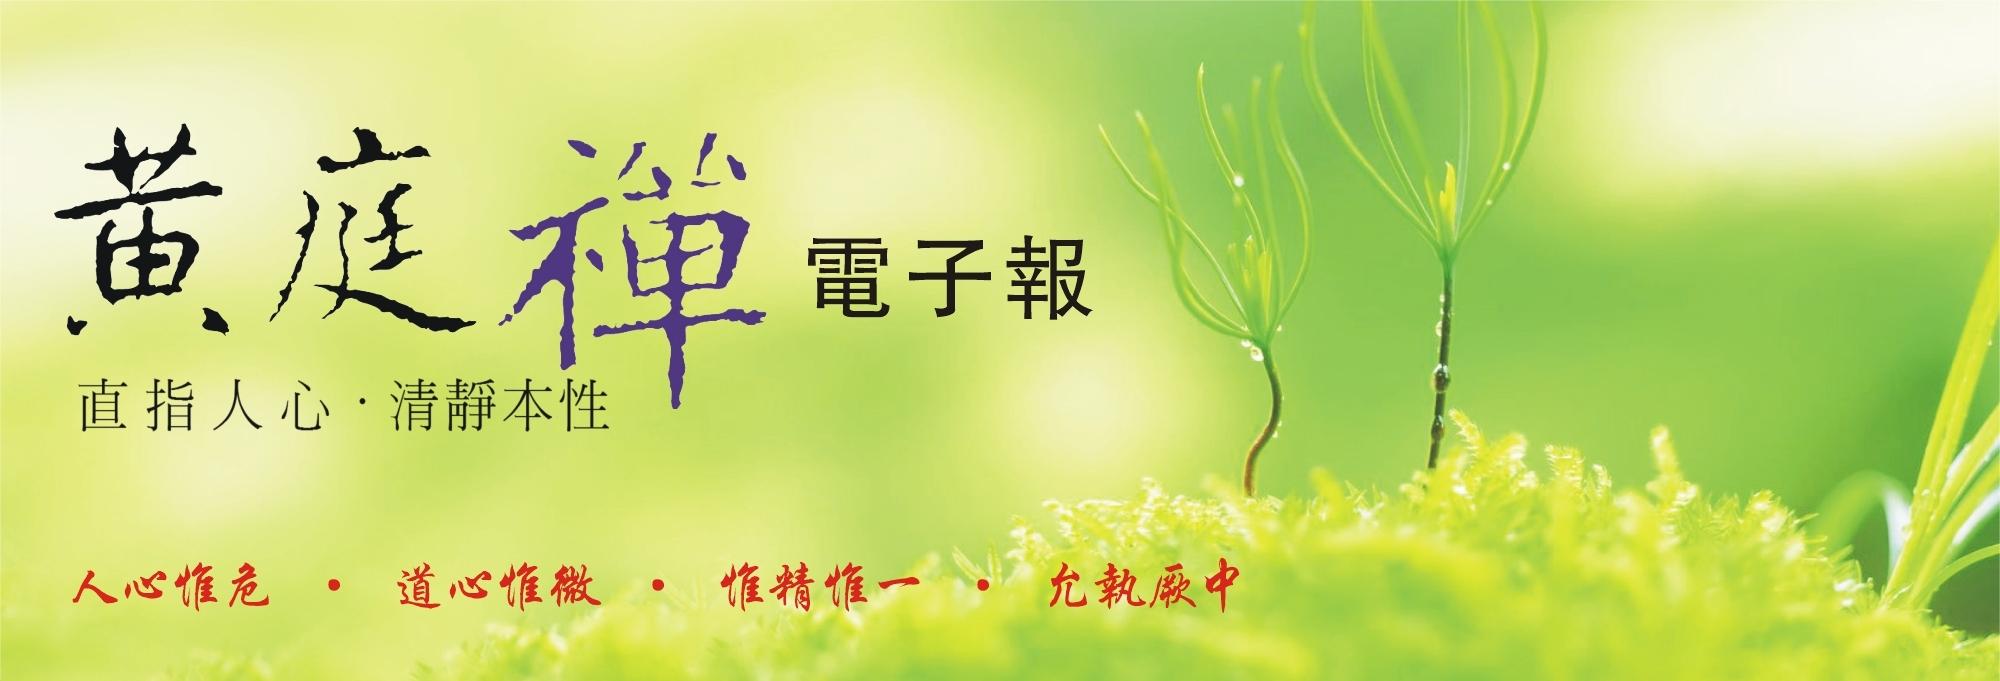 中華黃庭禪學會2016.04.21電子報